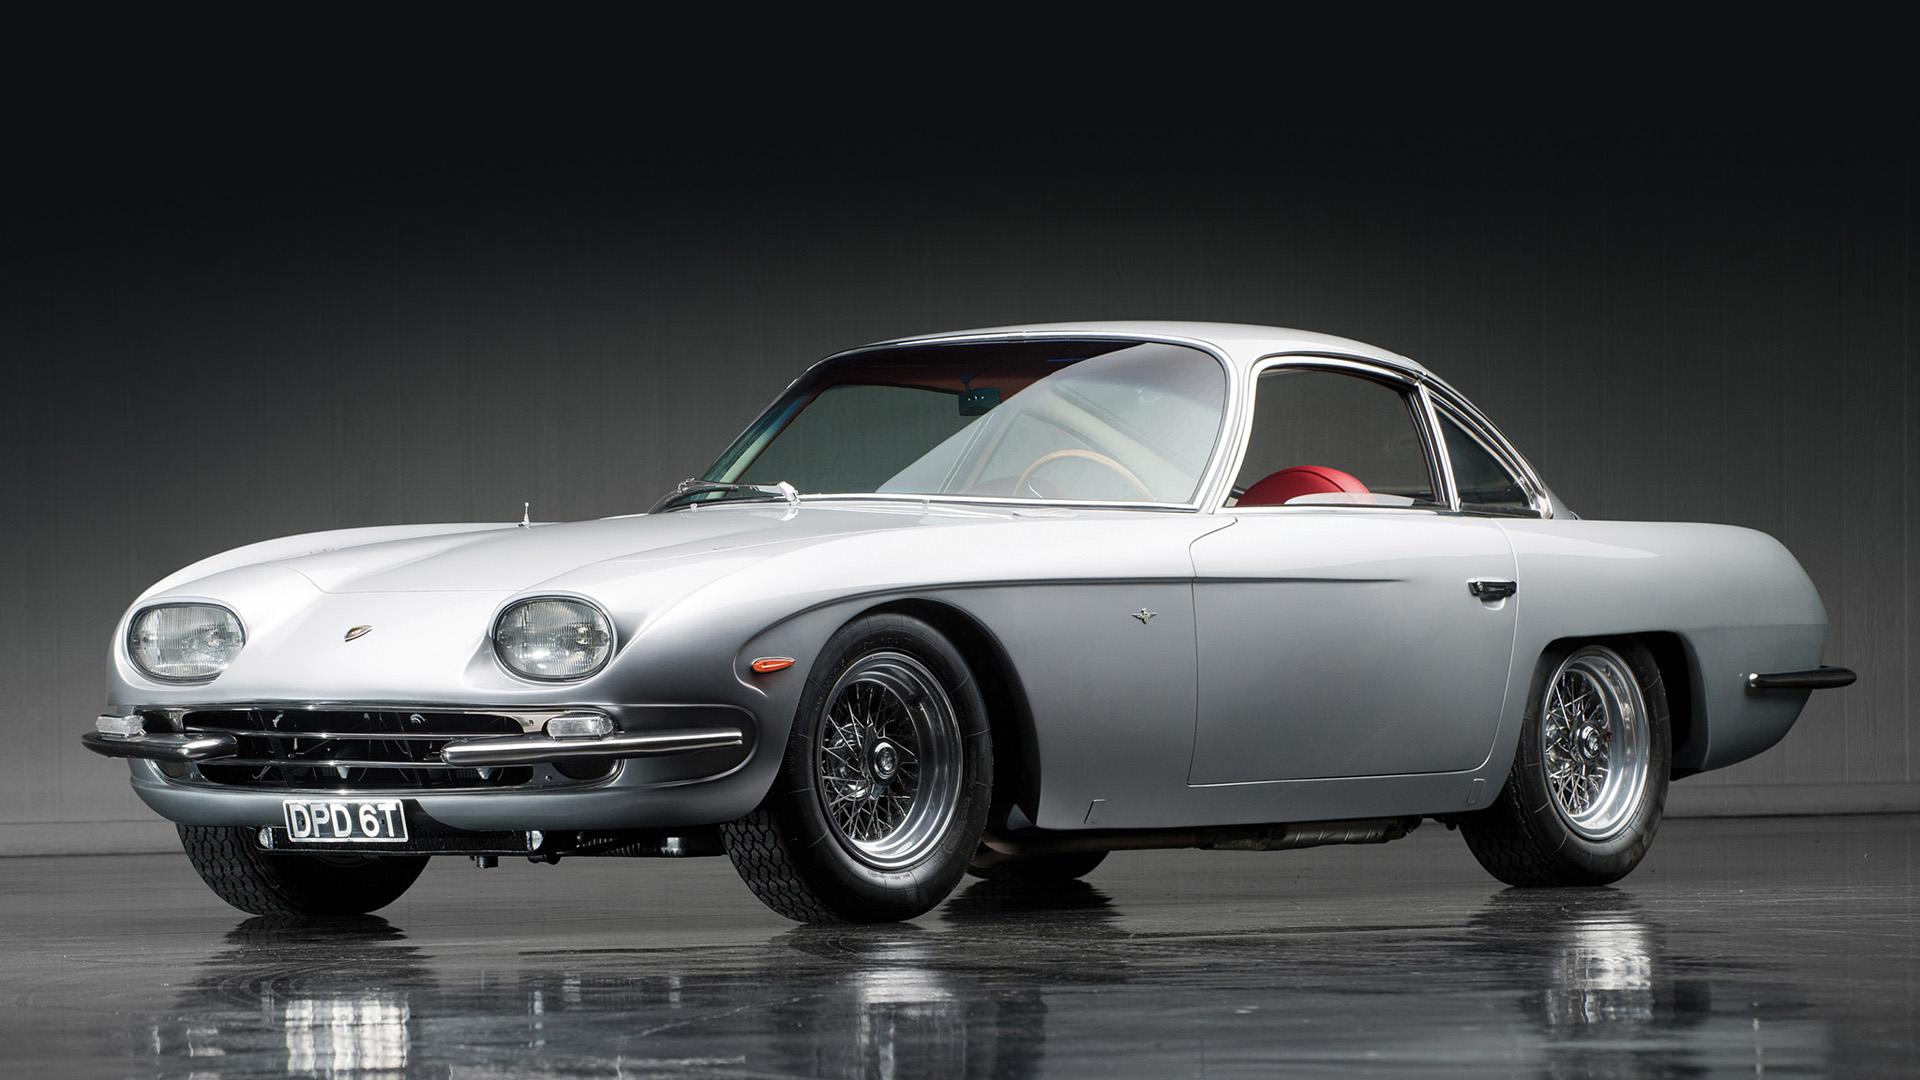 The Complete History Of The Lamborghini Miura - Garage Dreams